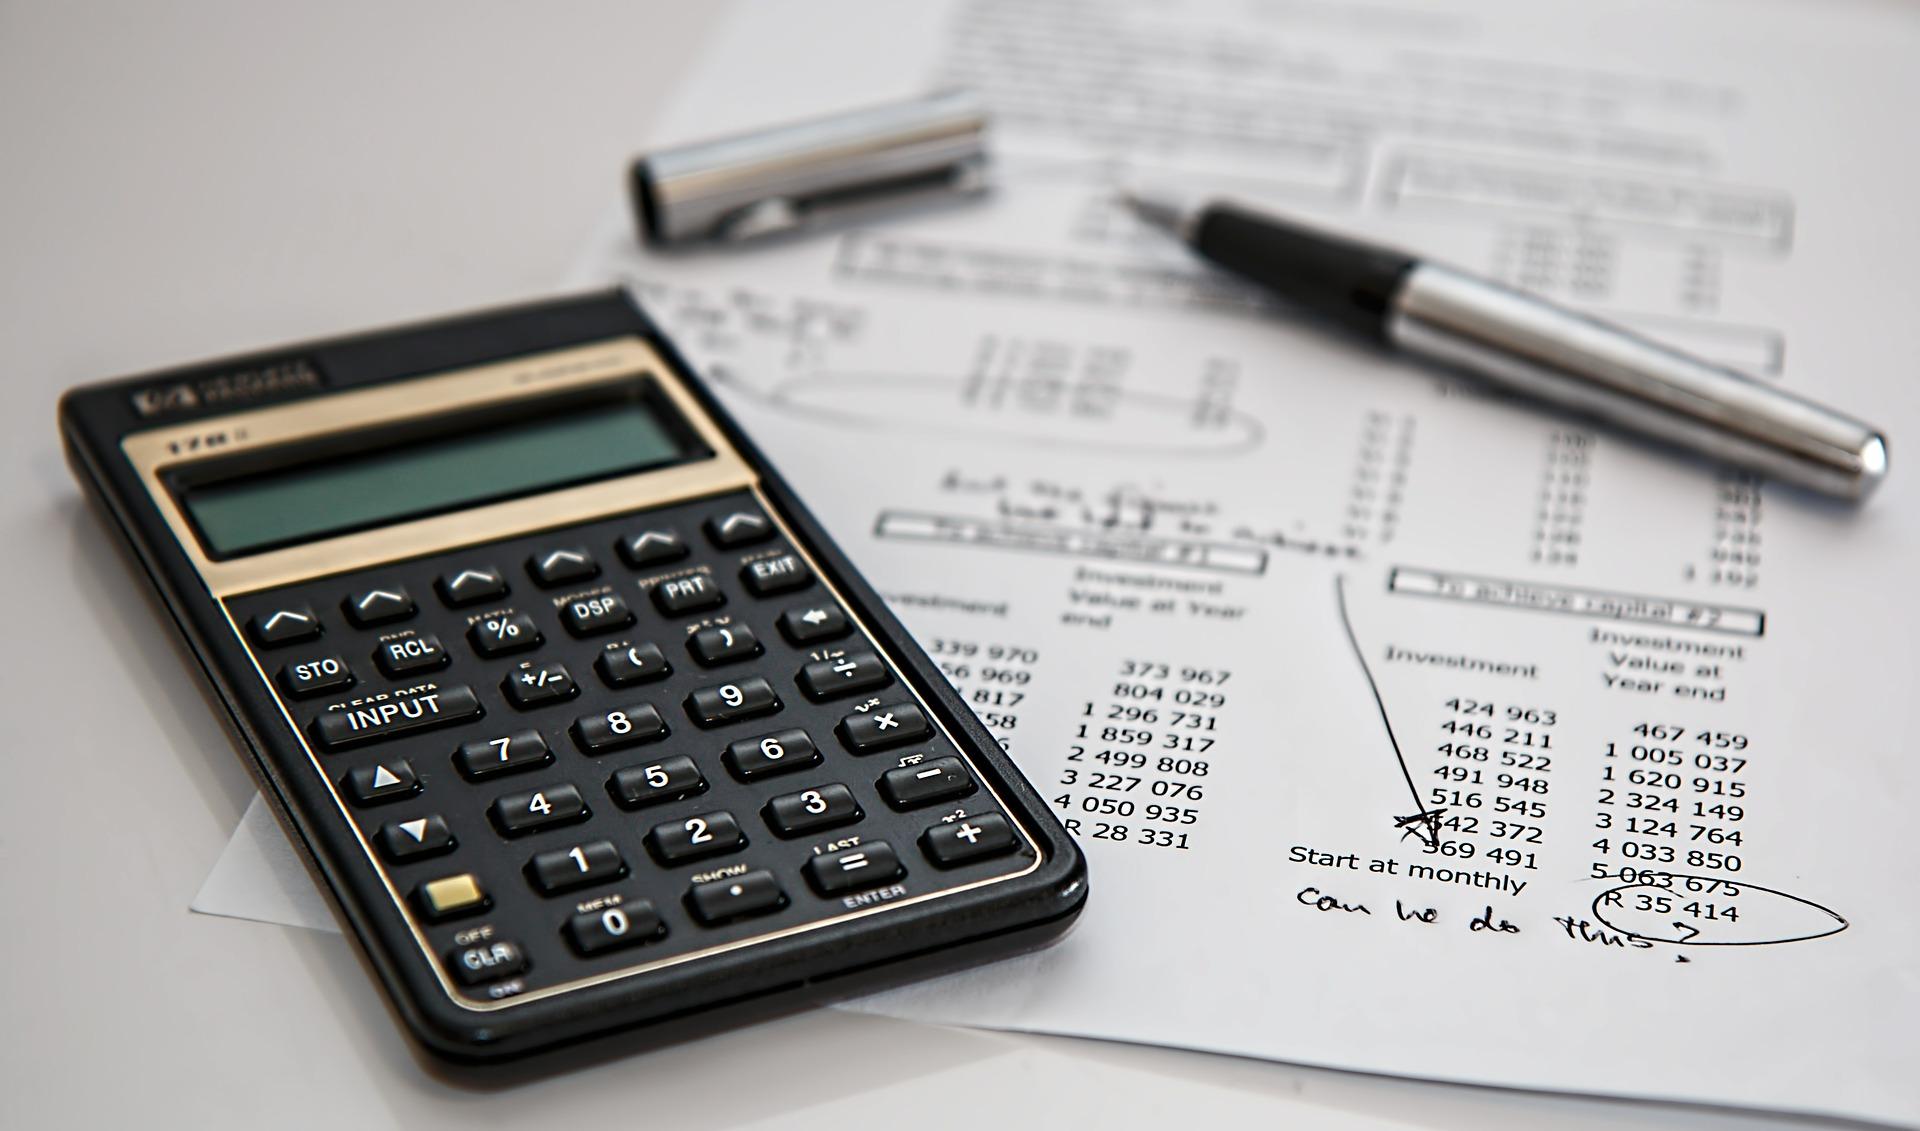 Comment estimer un bien immobilier?